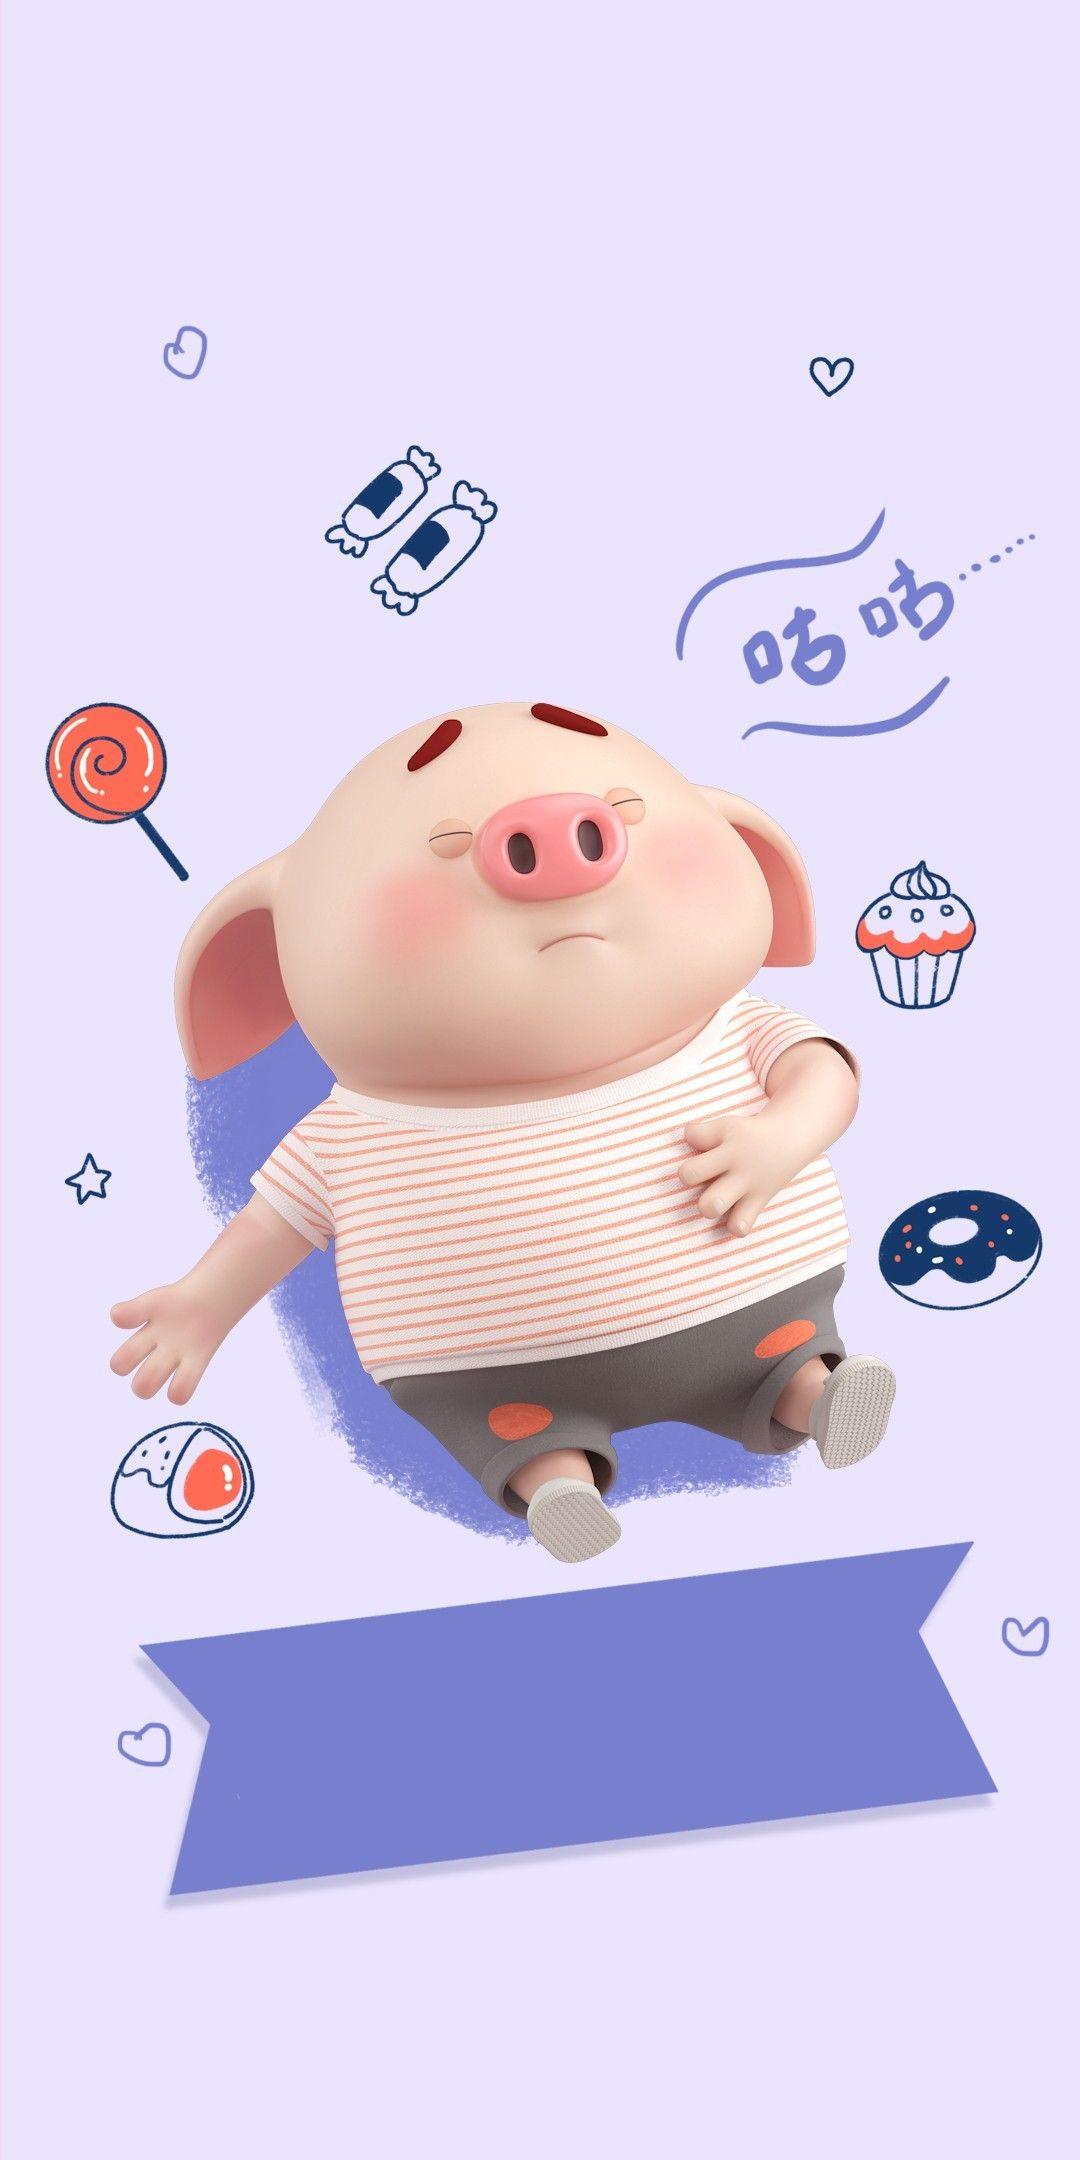 Pig ล กหม วอลเปเปอร หม